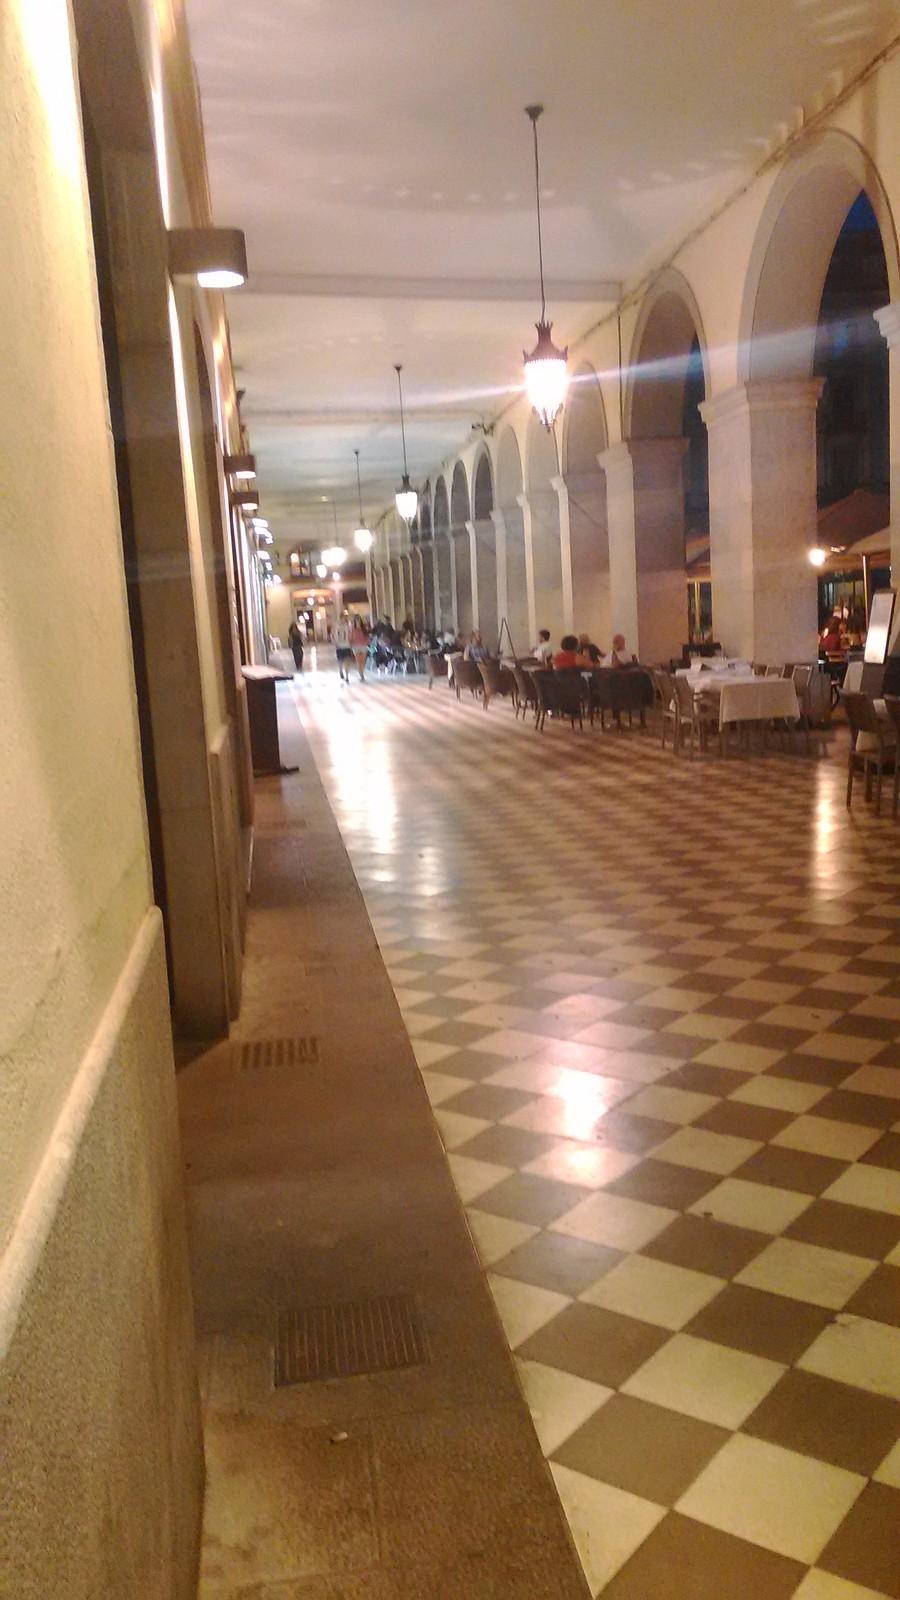 Plaça porticata de la Independència - Girona